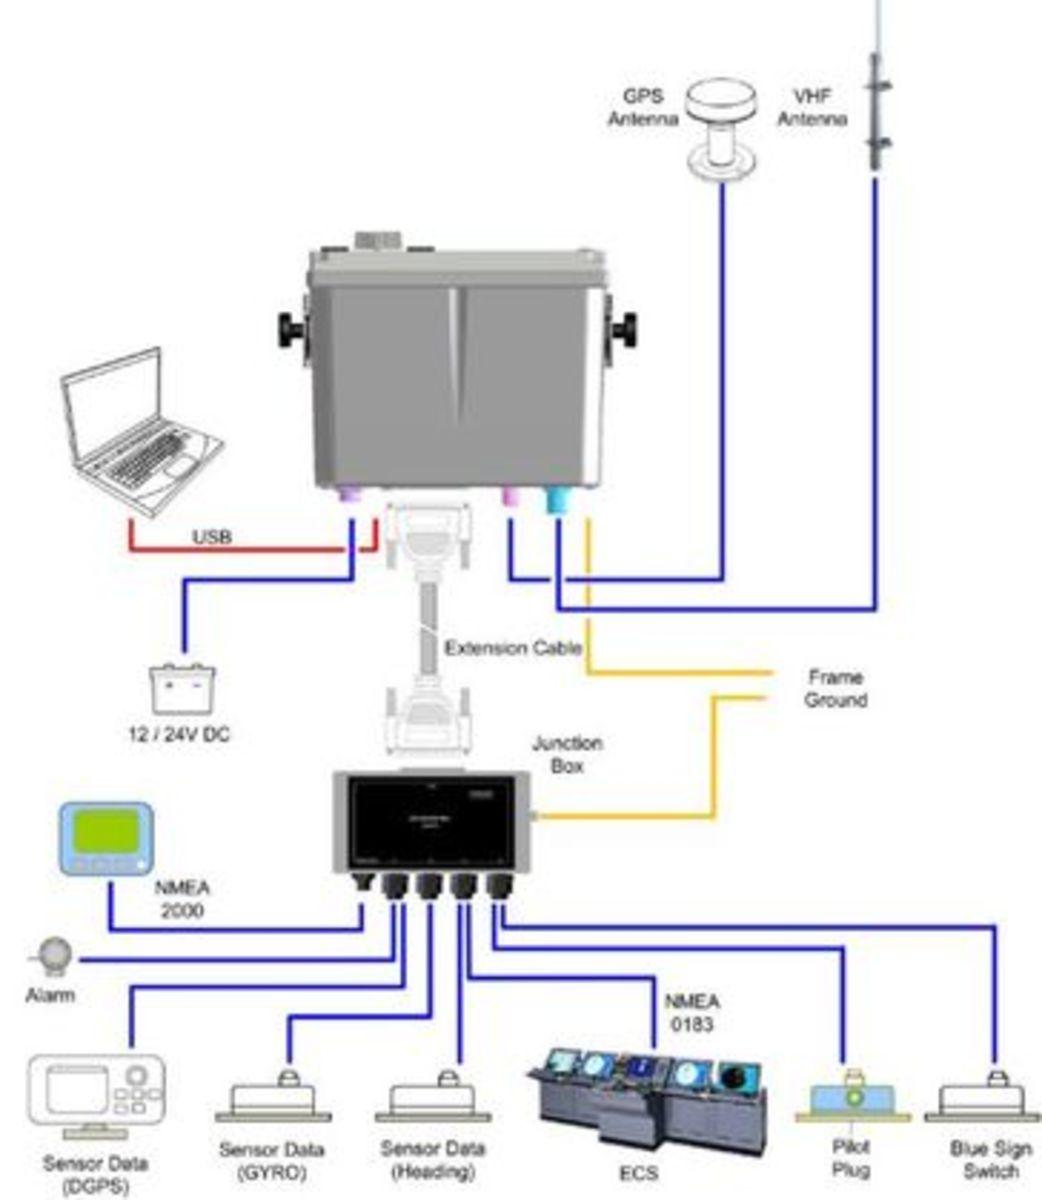 McMurdo_Class_A_install_diagram_aPanbo.jpg